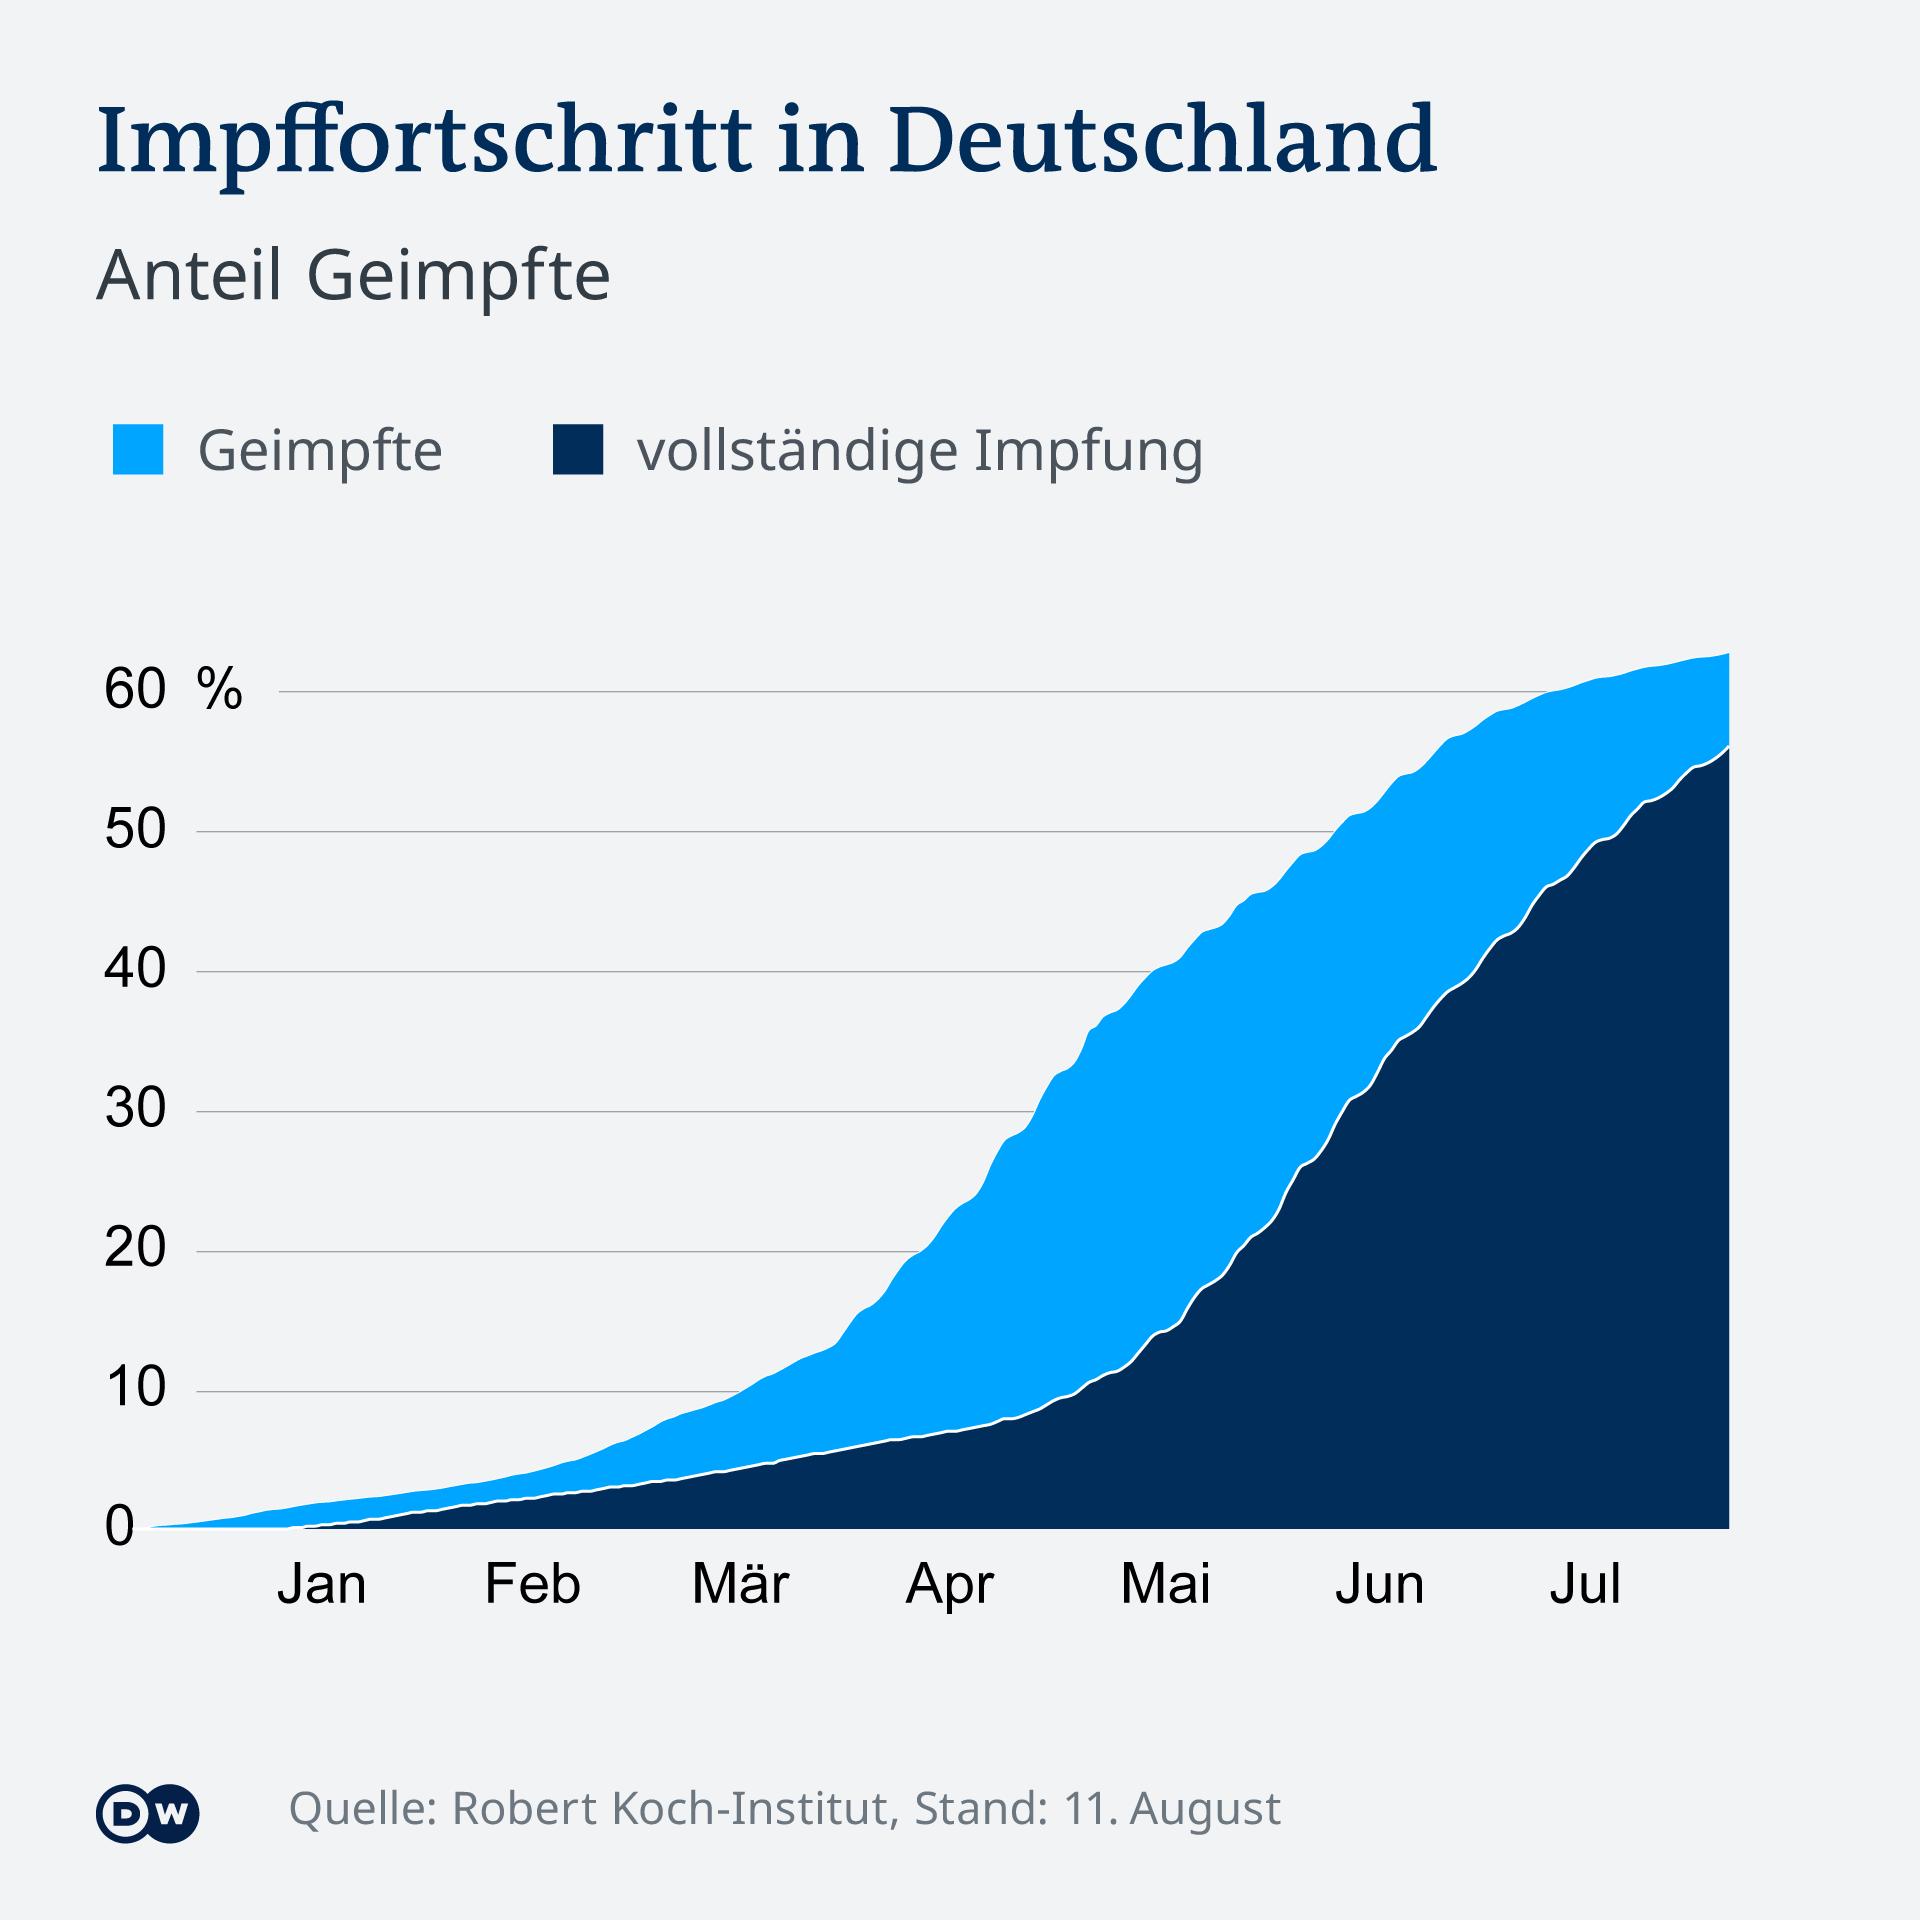 Infografik Impffortschritt in Deutschland Anteil Geimpfte DE Corona COVID-19